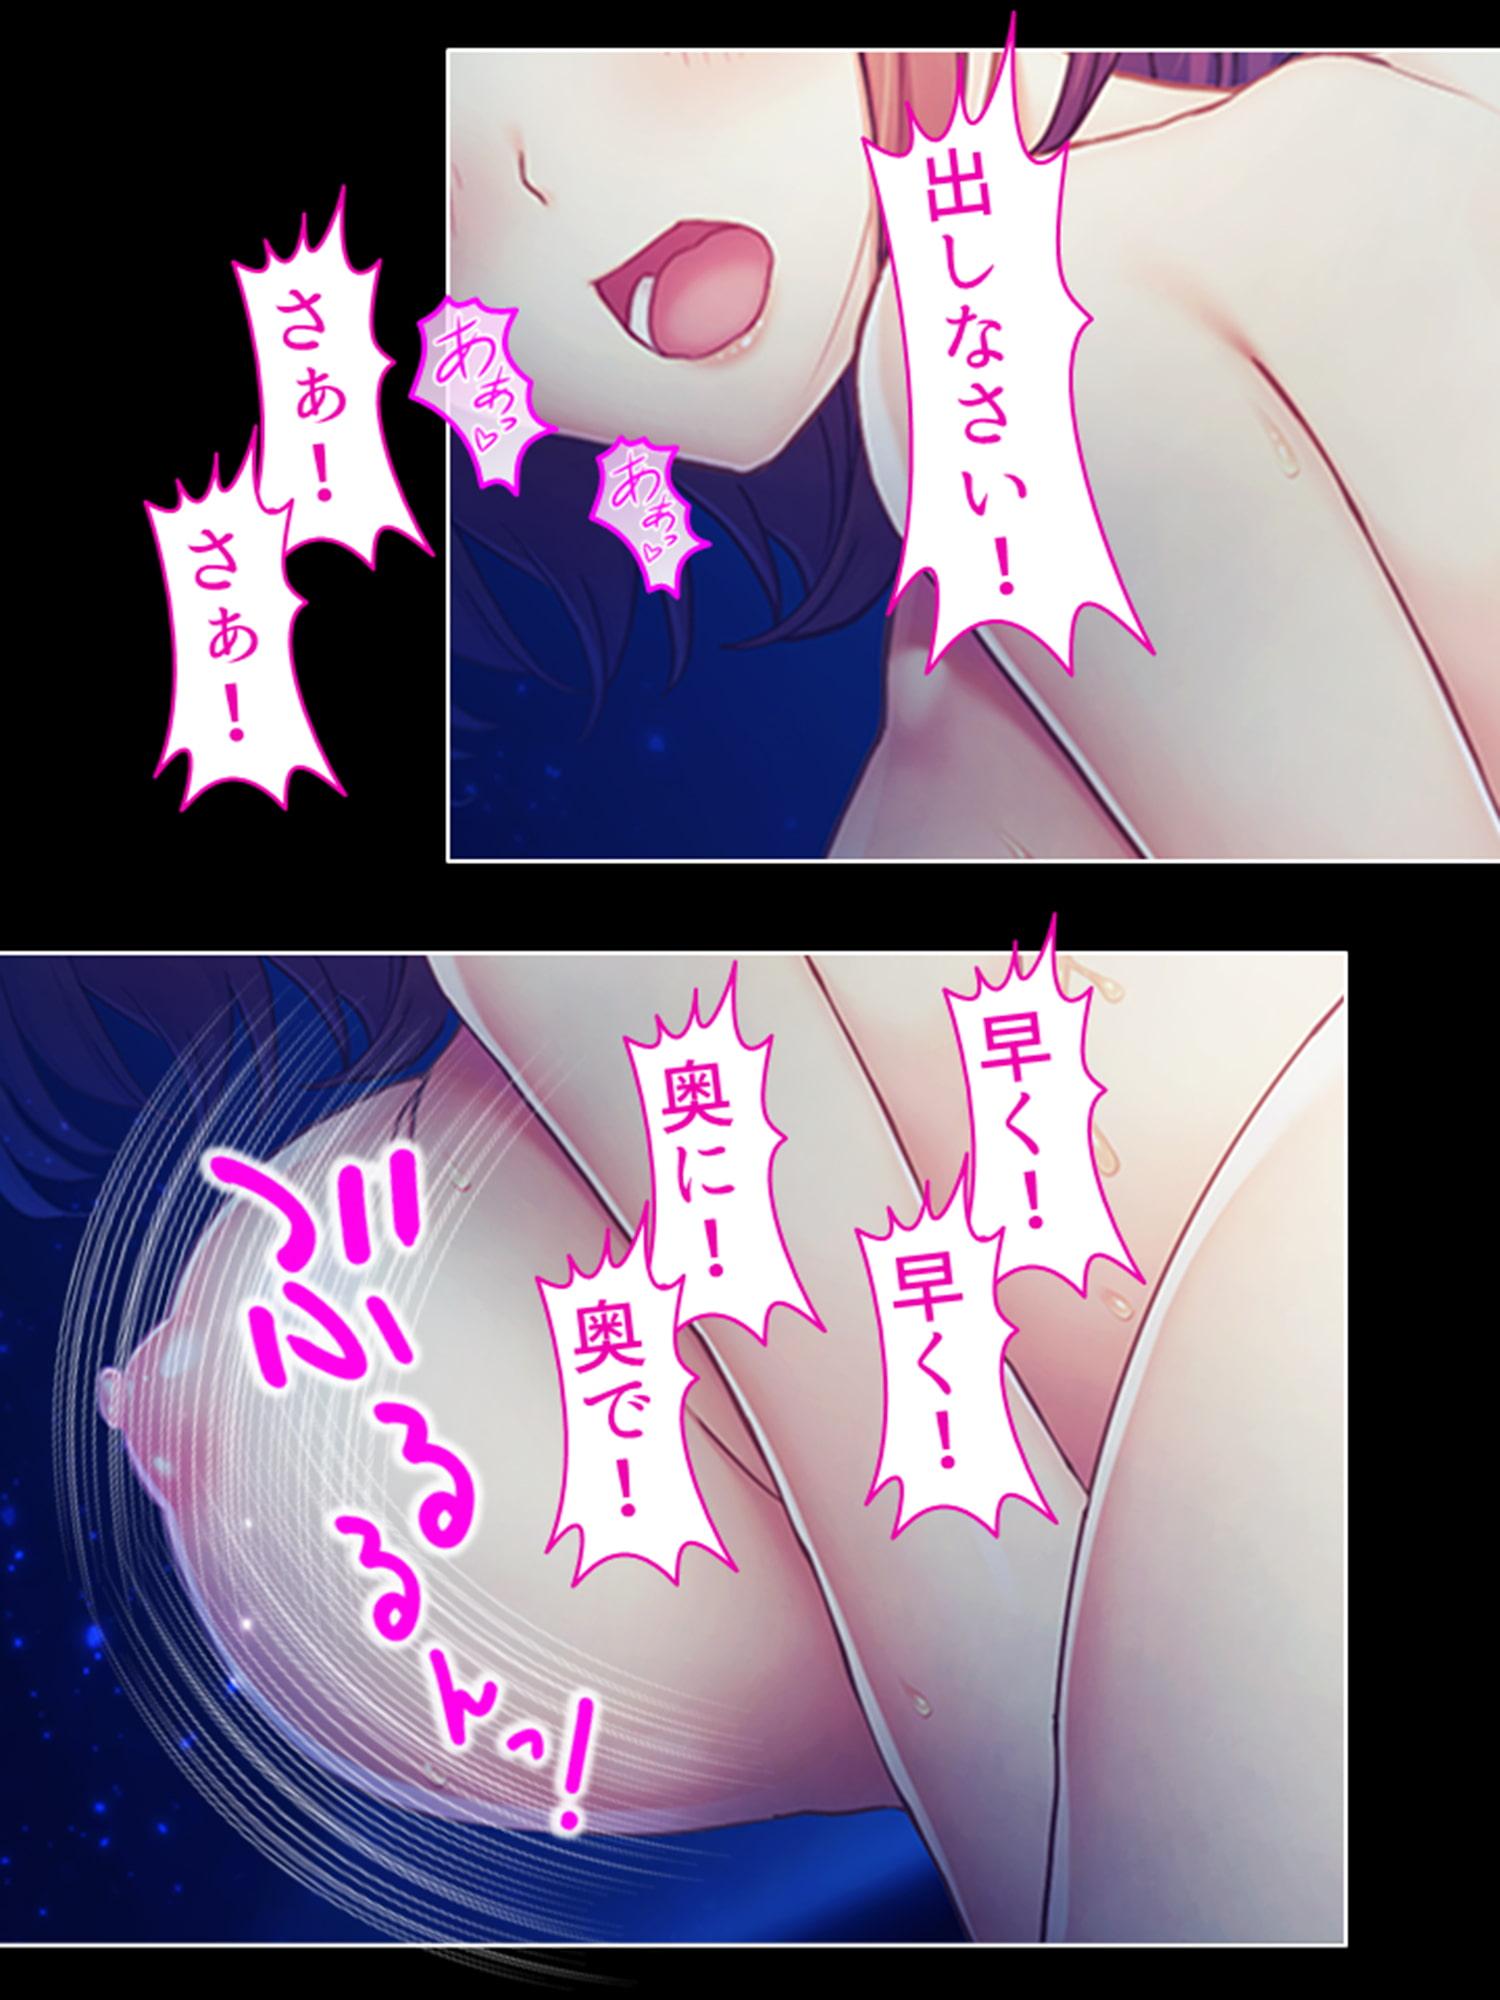 巨乳いじめっ子ナース!童貞幼馴染にイケナイ検診 3巻